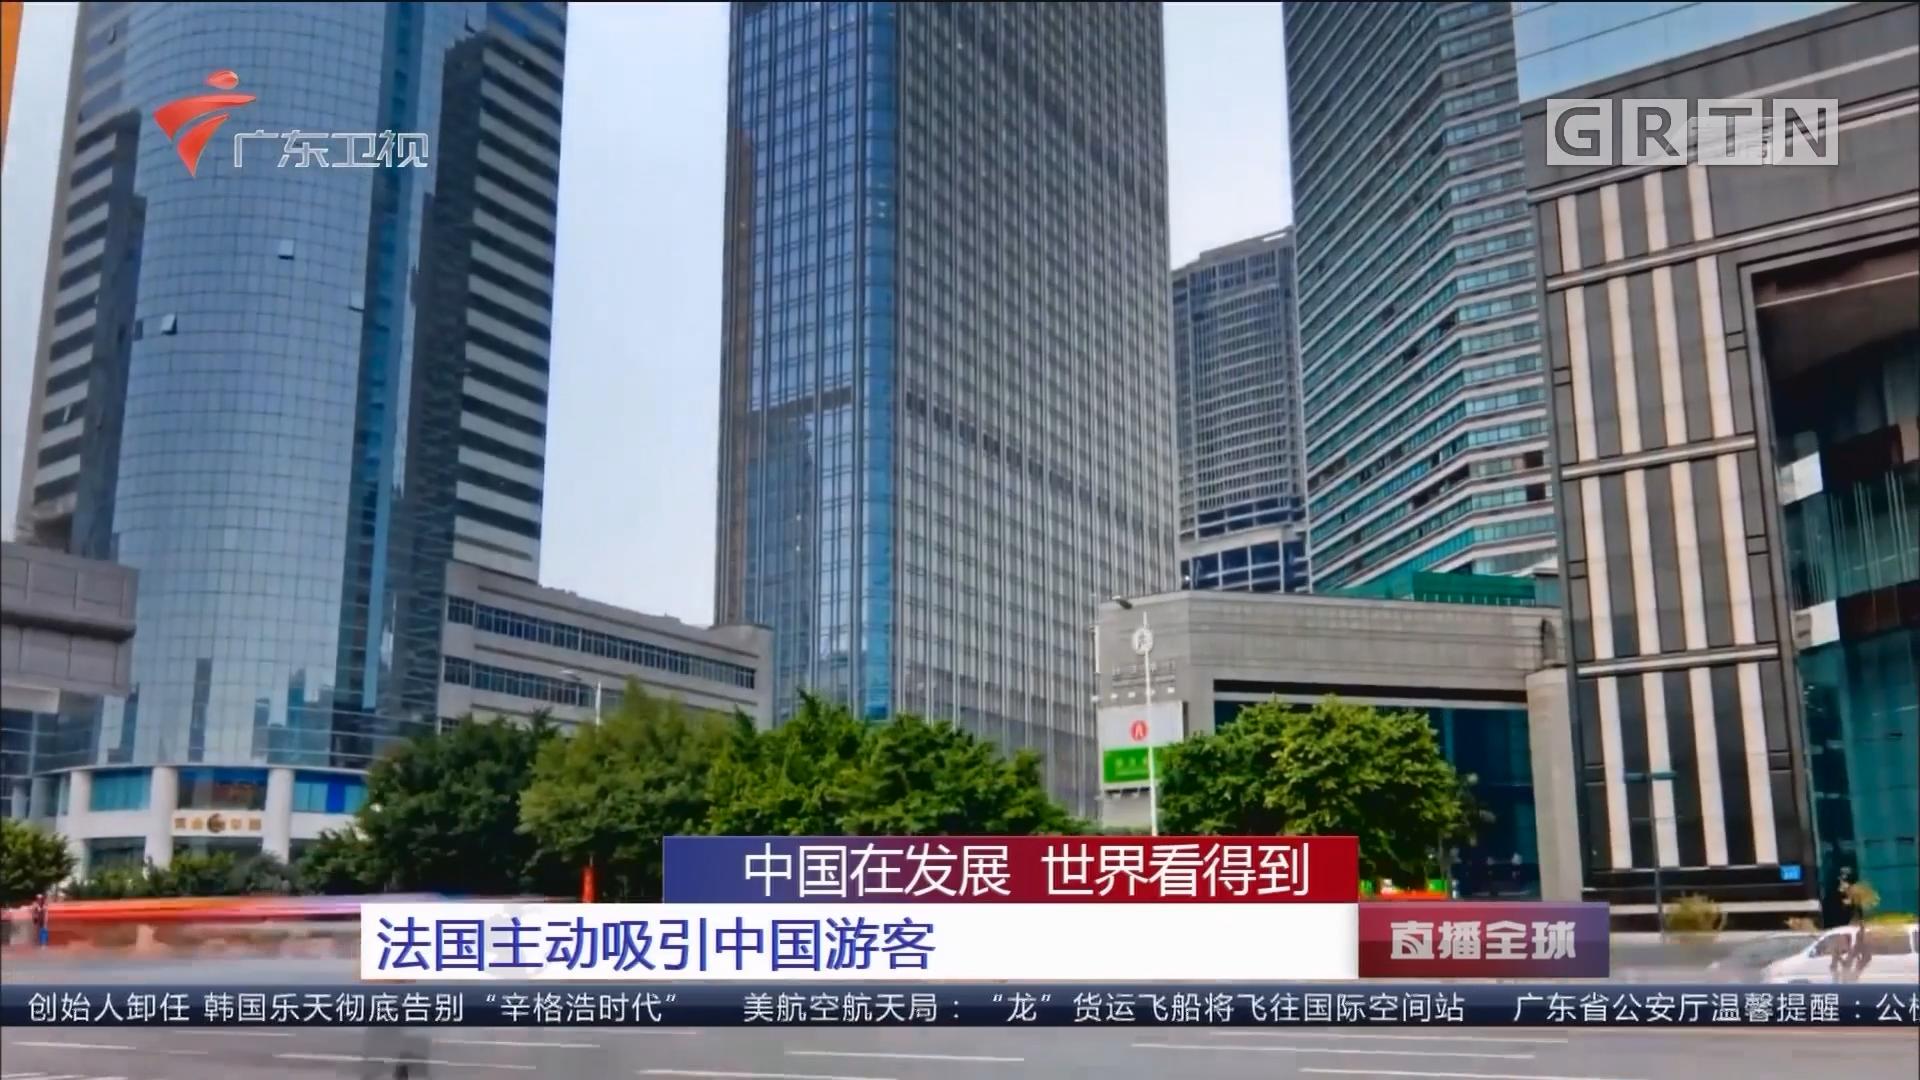 中国在发展 世界看得到:法国主动吸引中国游客